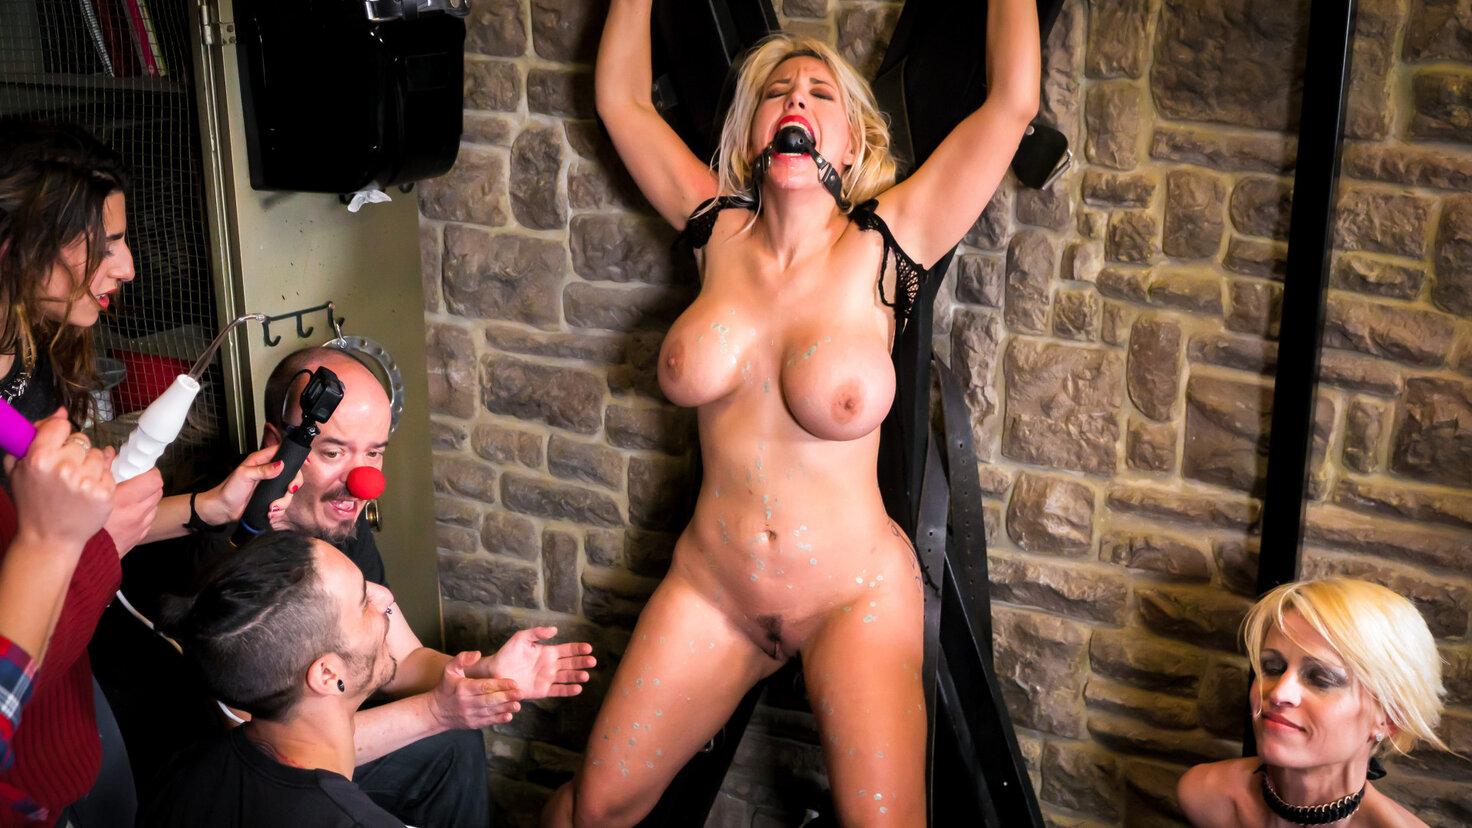 Curvy Blondie Fesser dominated in BDSM group scene